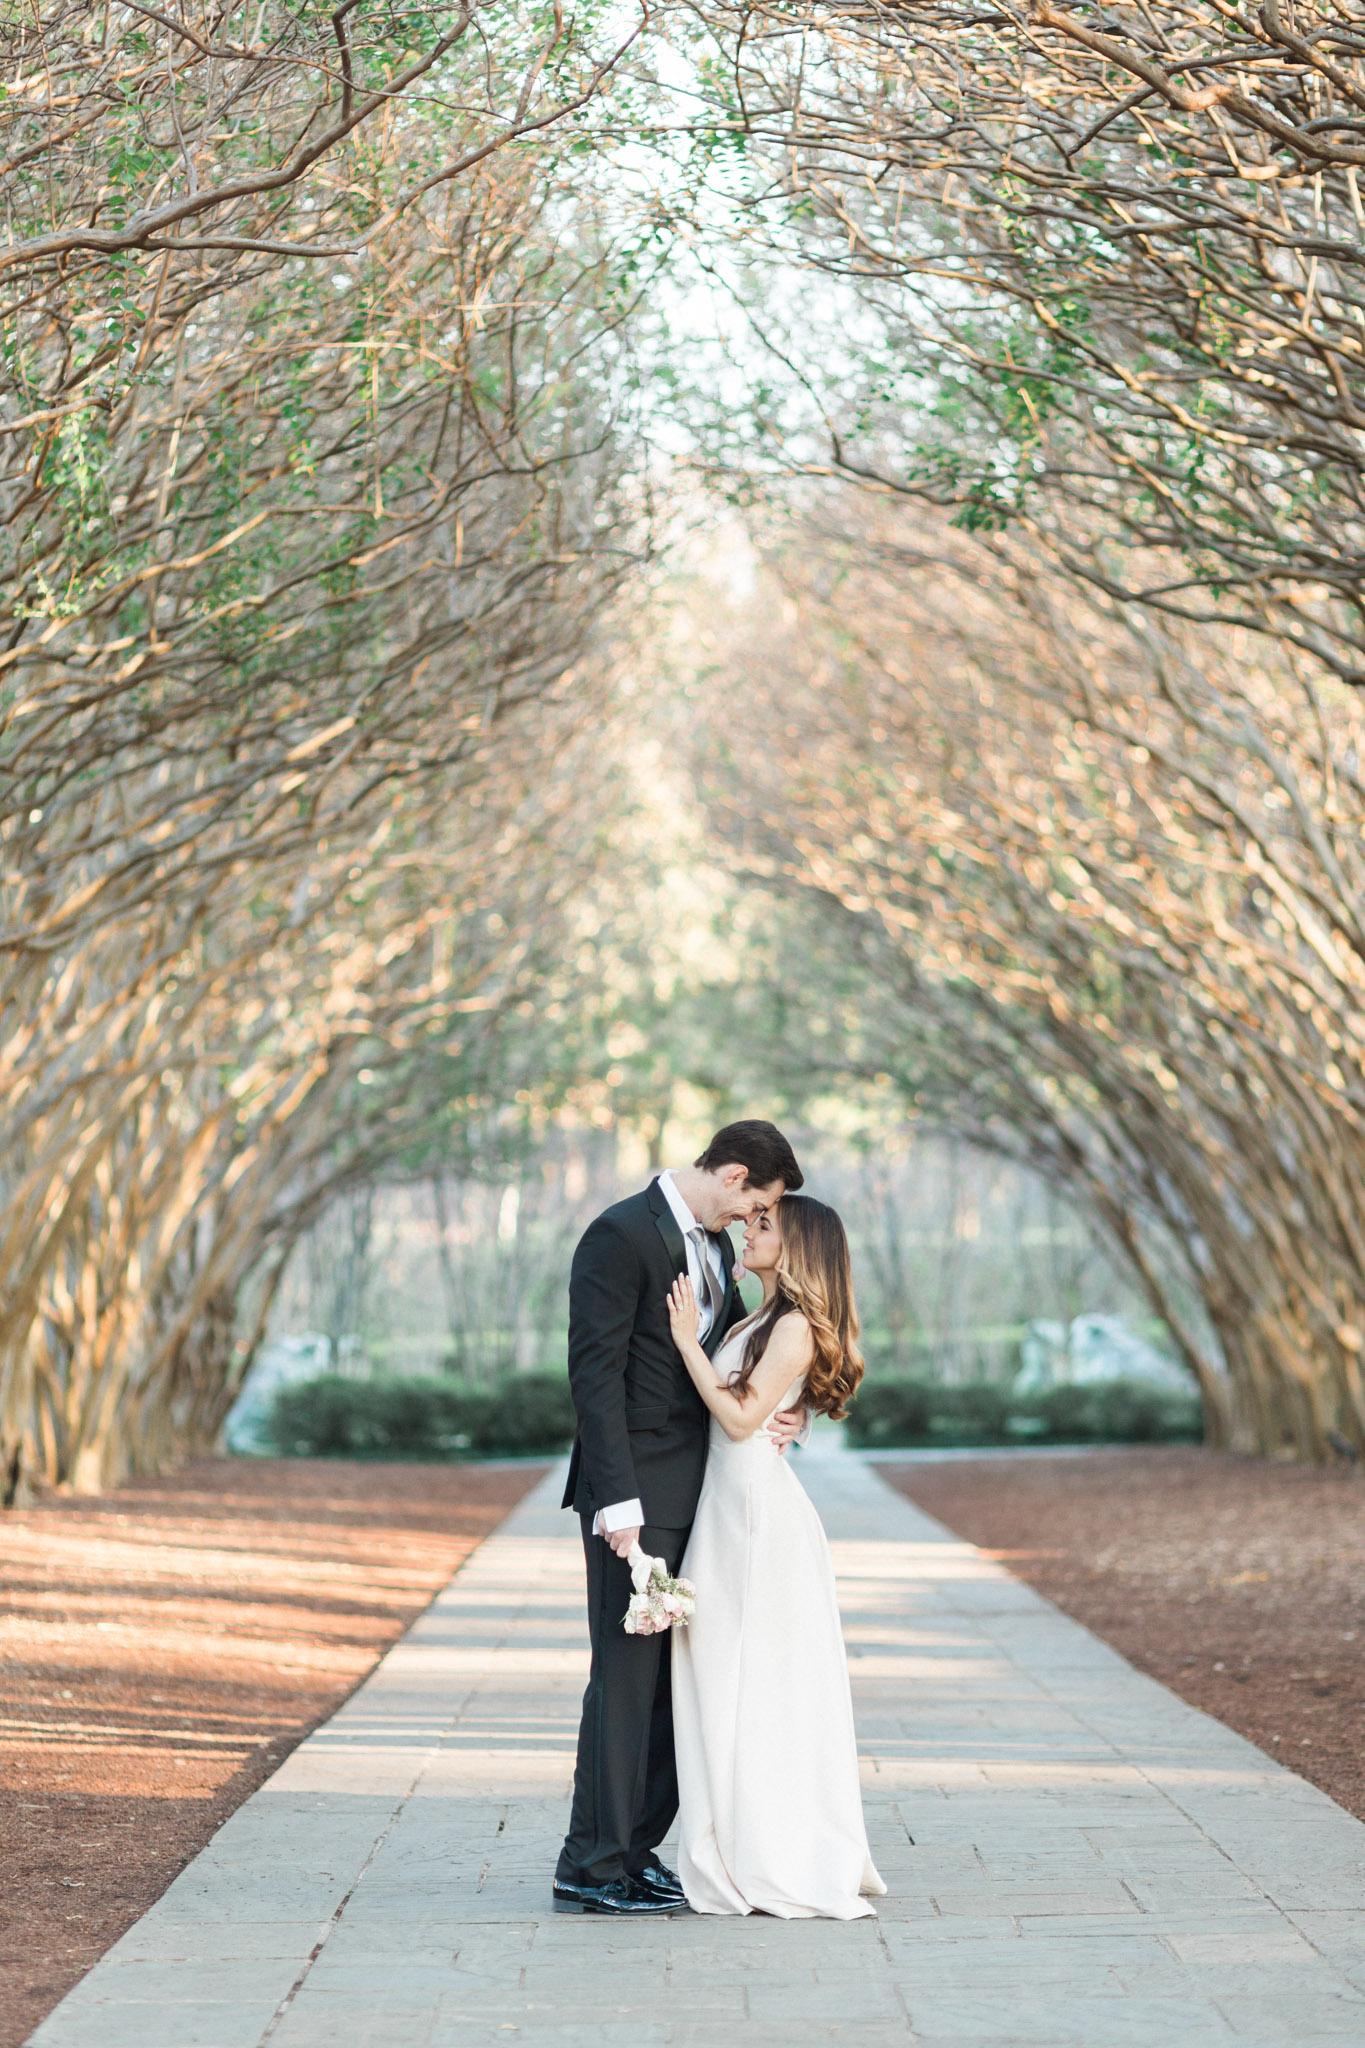 dallas-arboretum-engagement-photographer-25.jpg